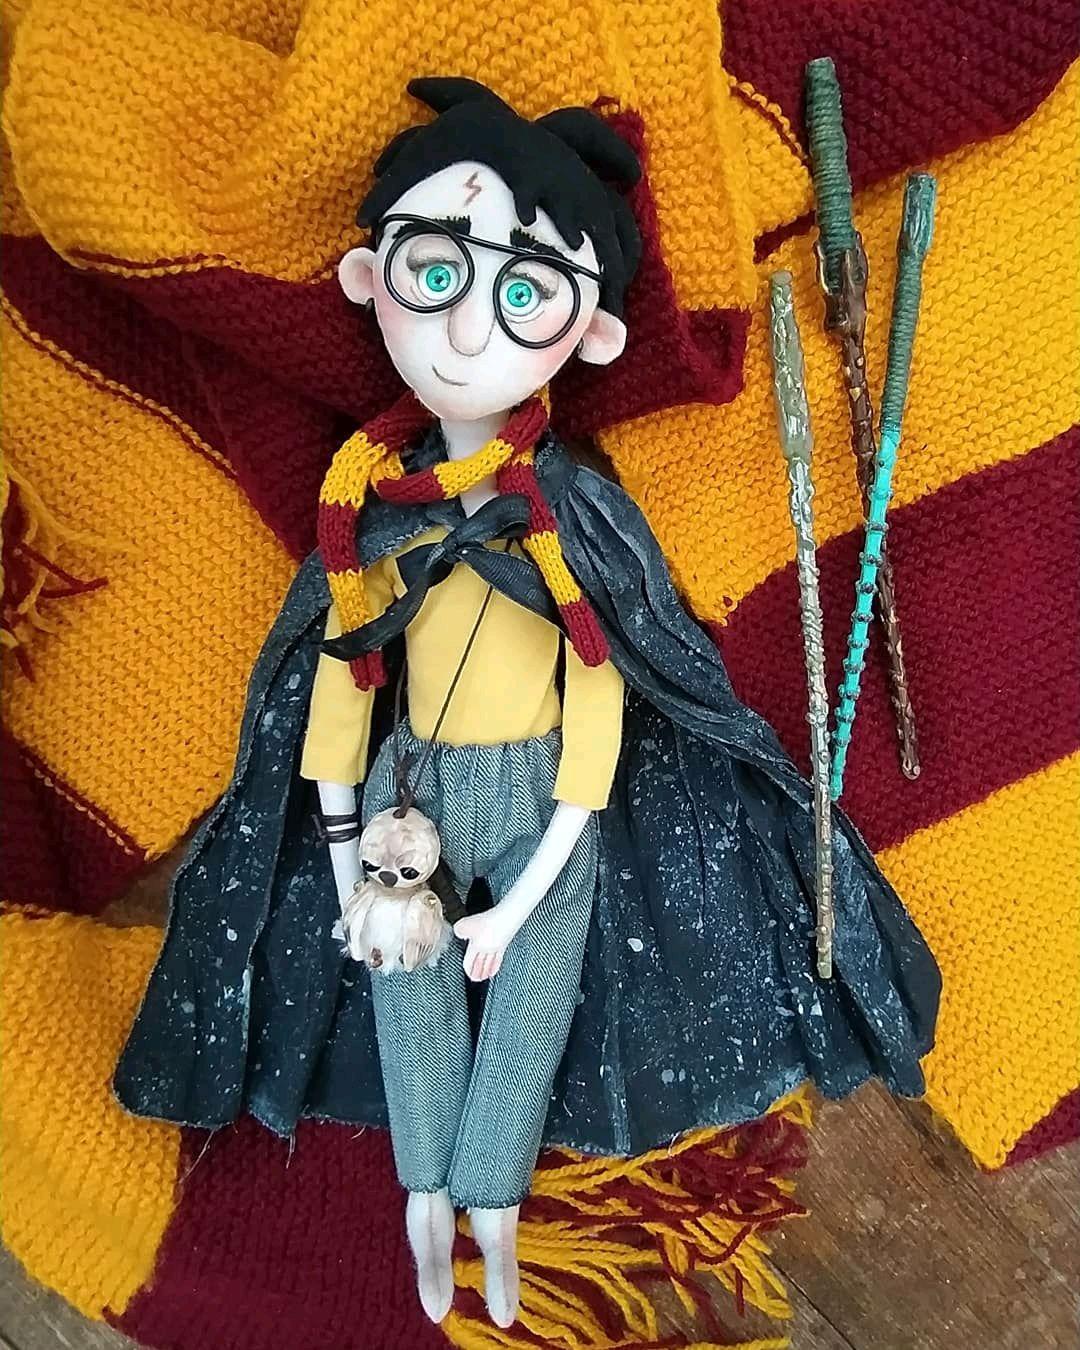 Гарри Поттер. Текстильная кукла. Портретная кукла, Портретная кукла, Пенза,  Фото №1